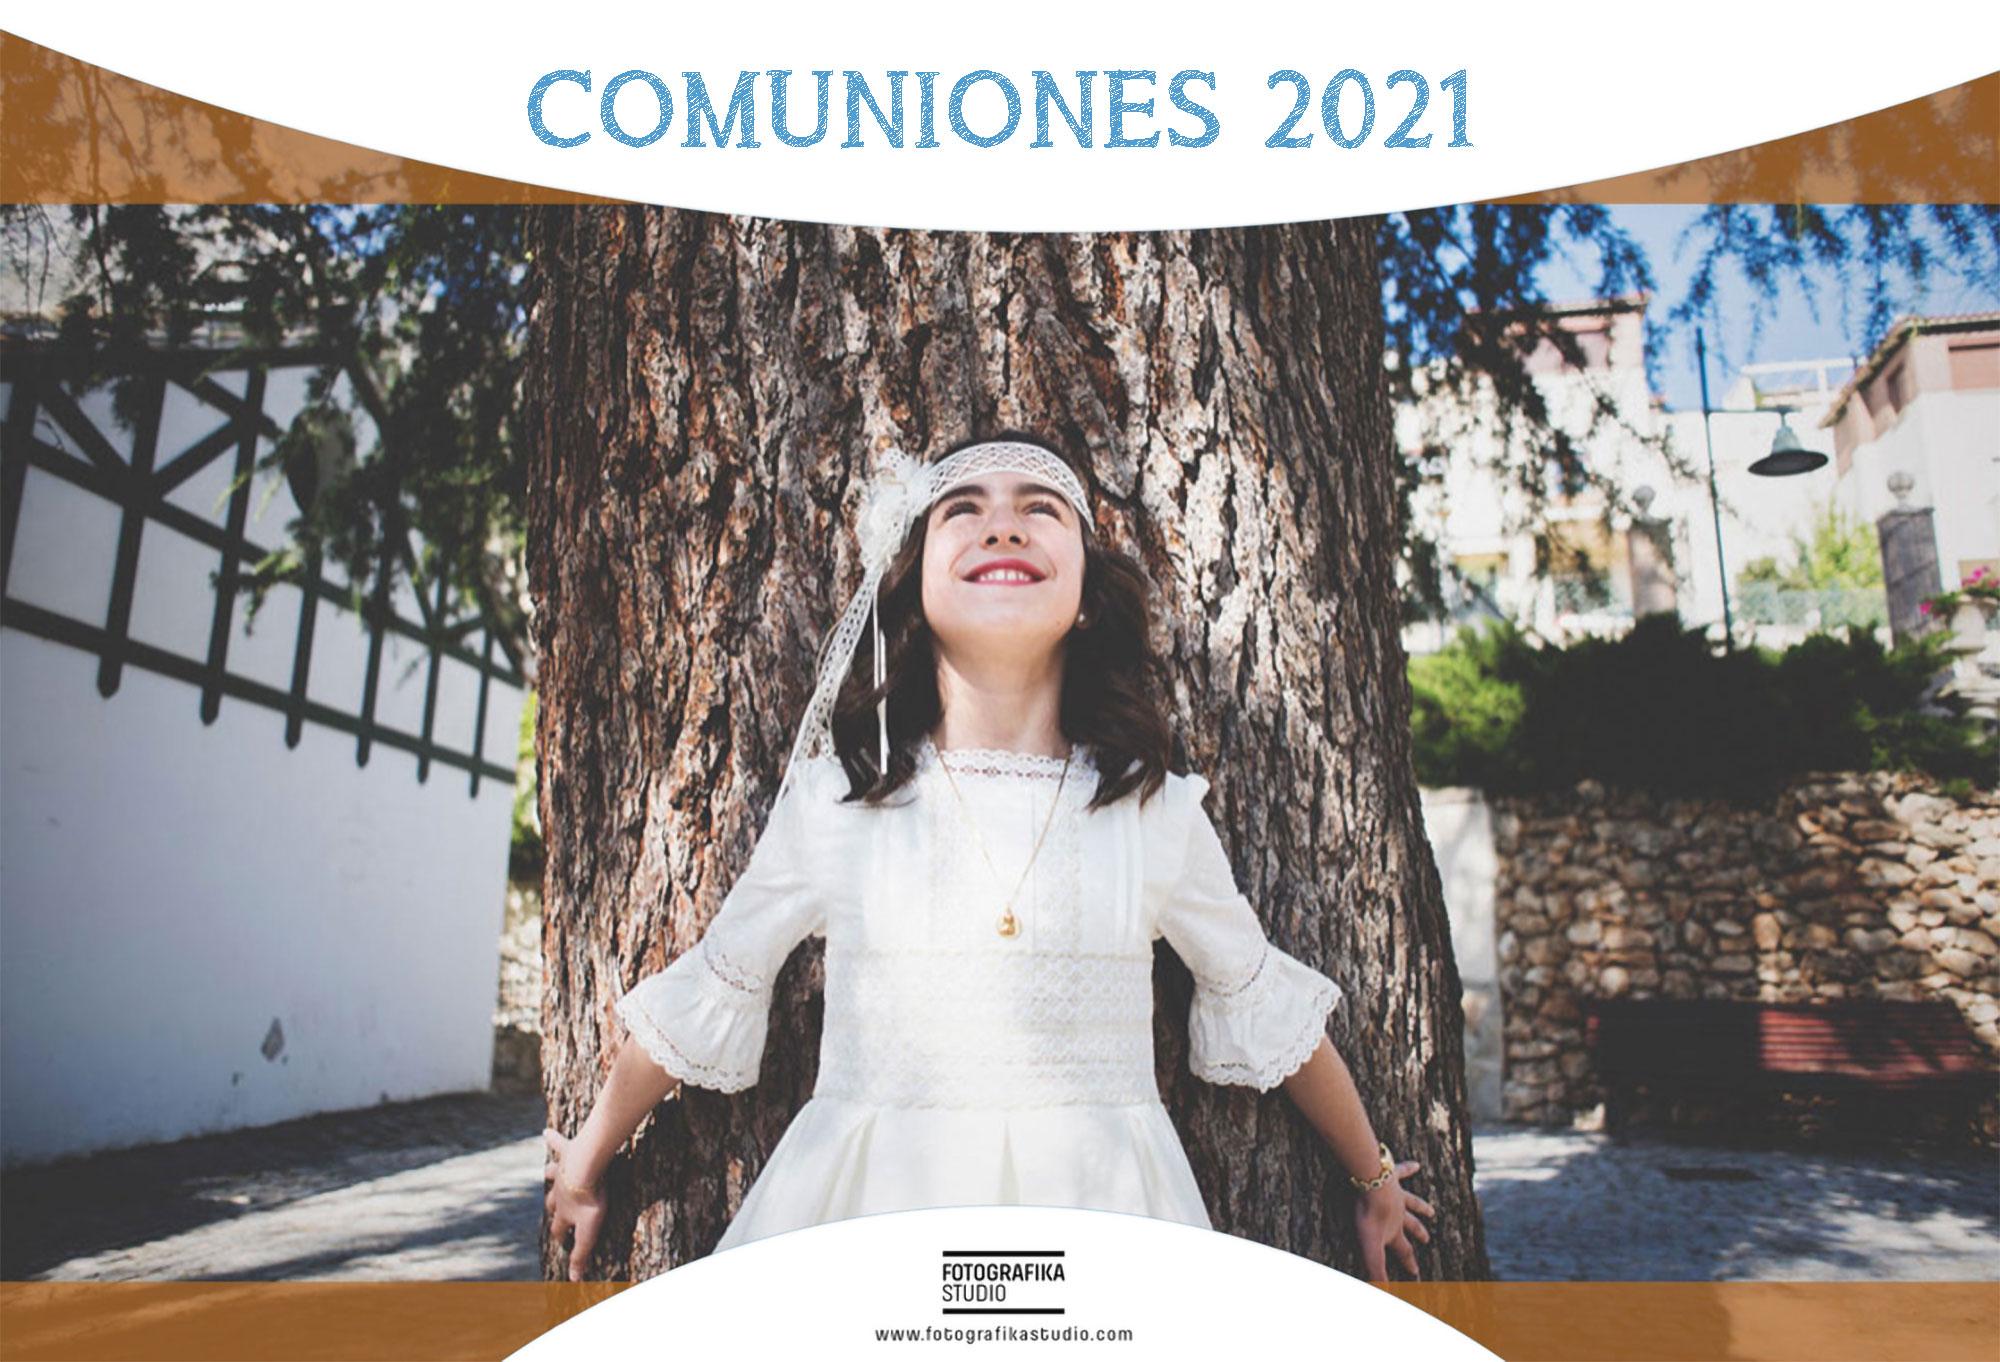 Comuniones 2021